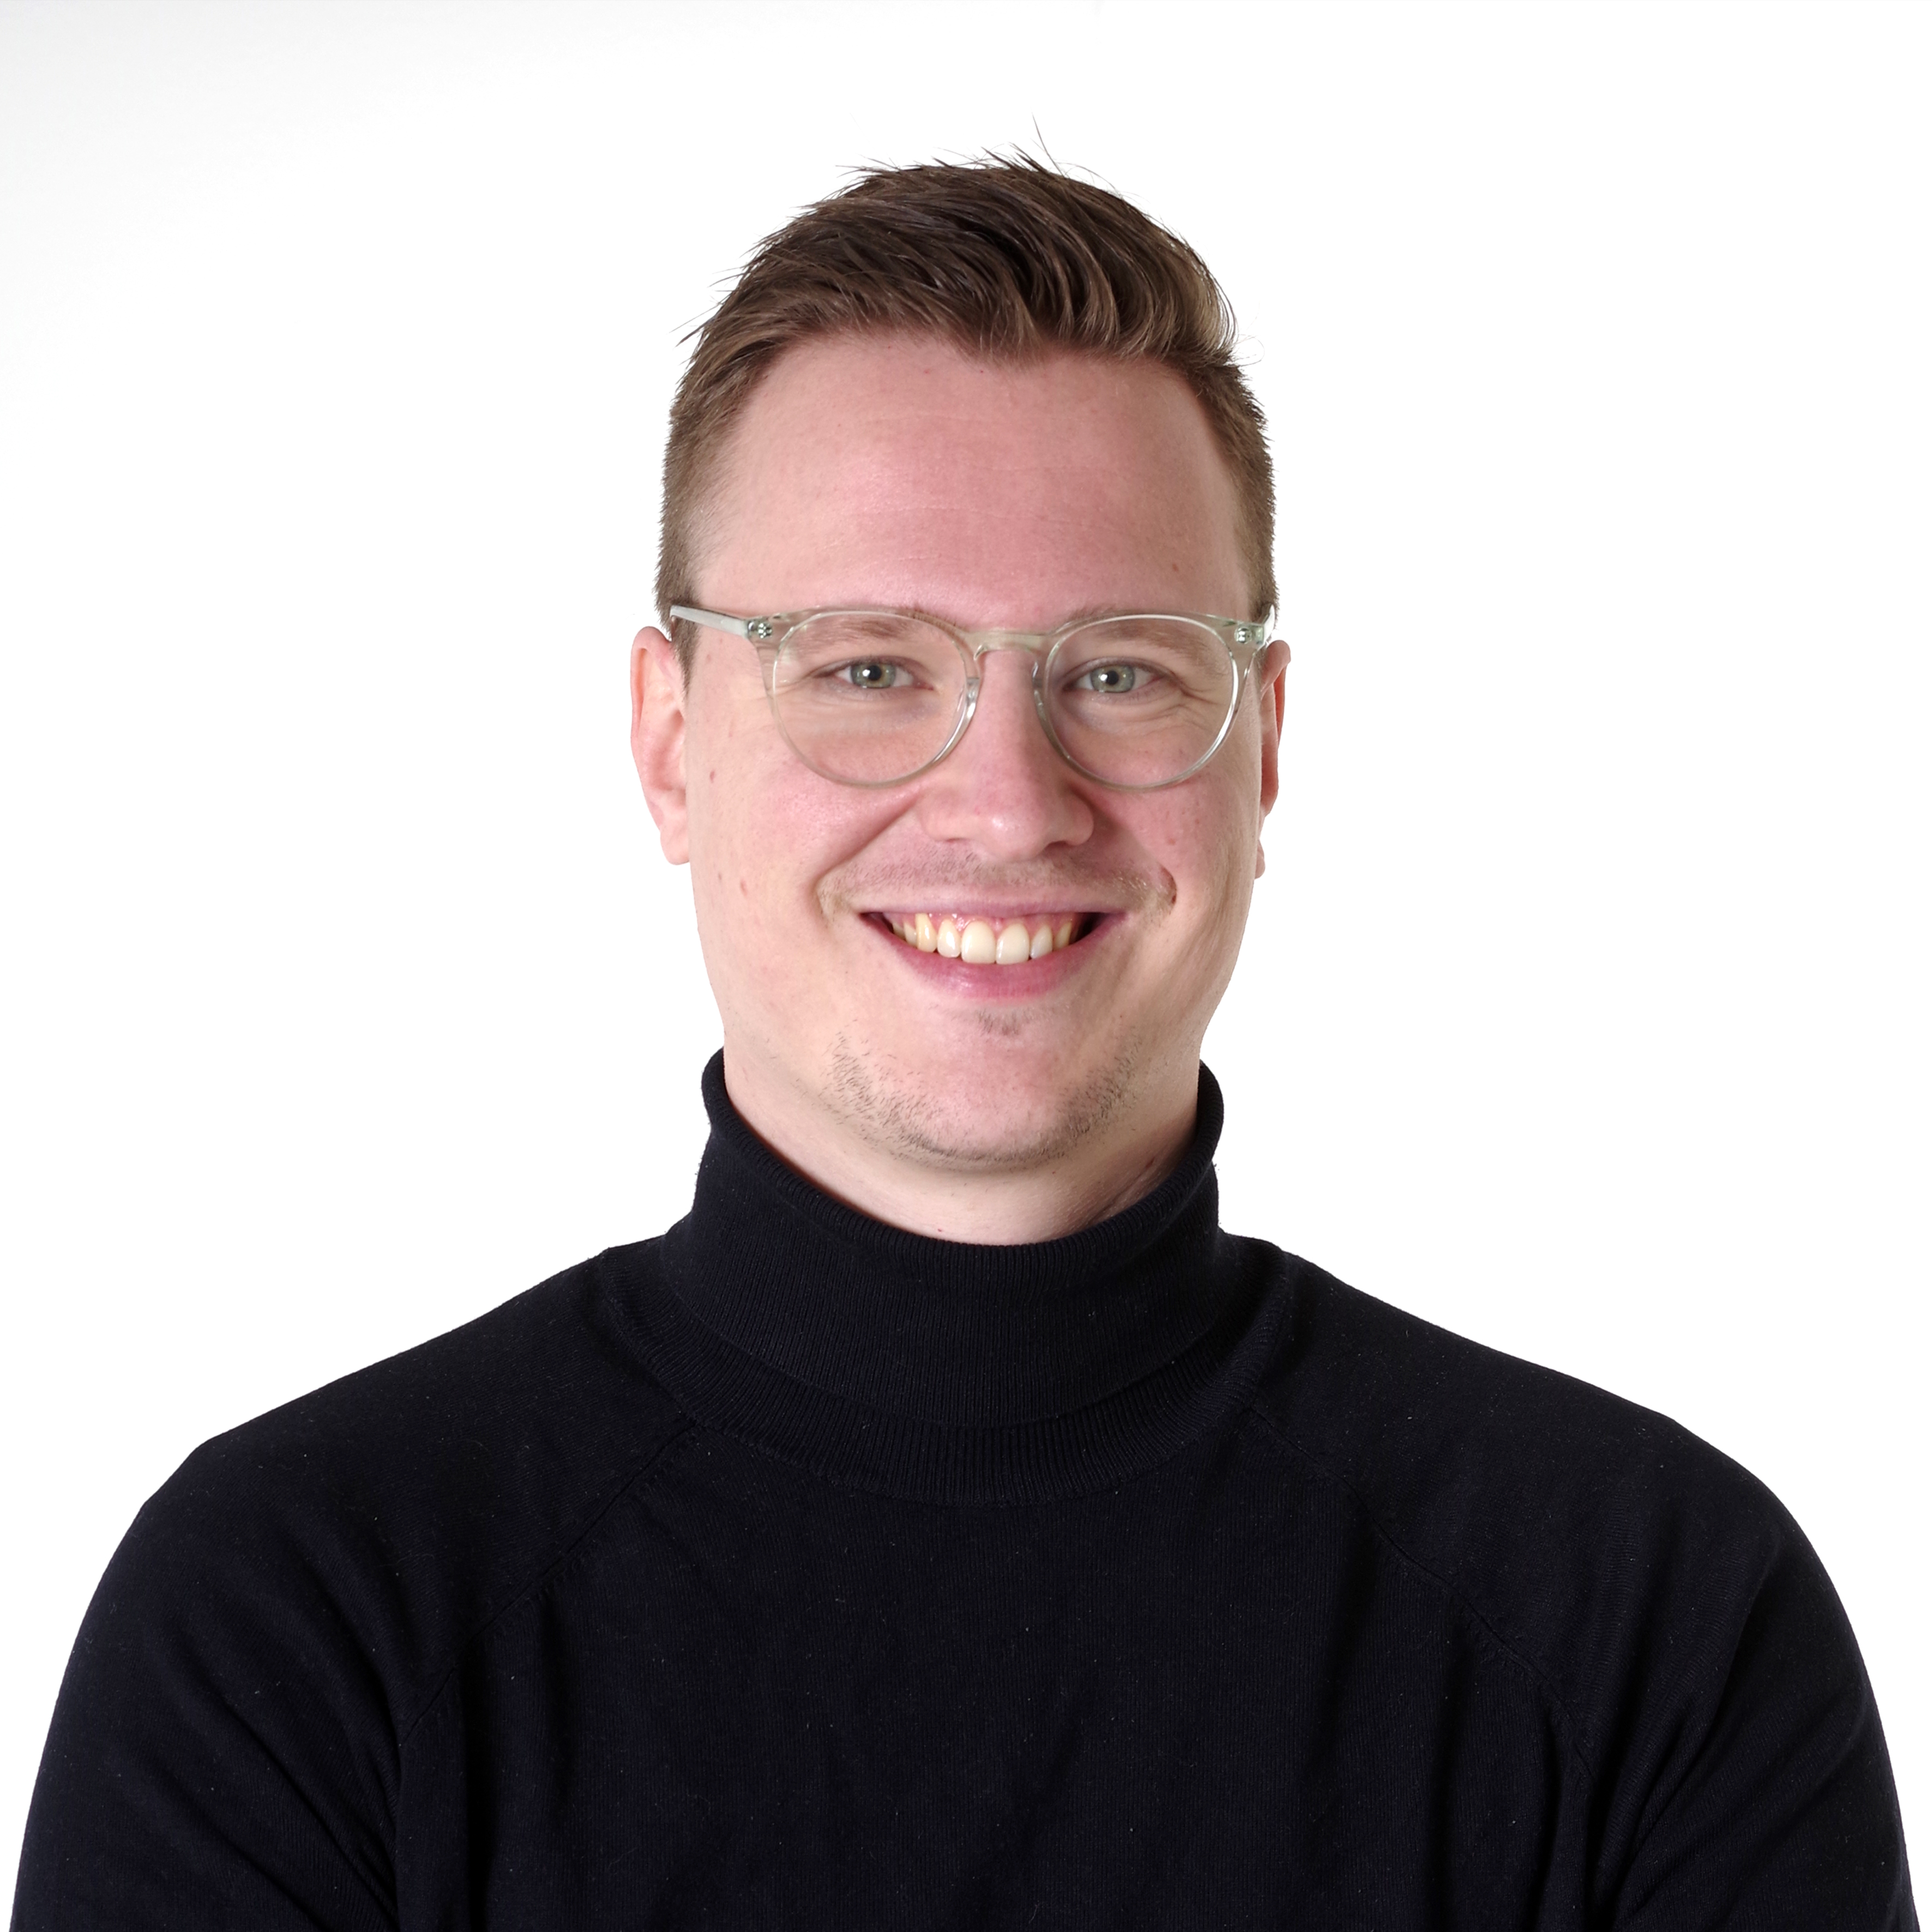 Erik Horstra